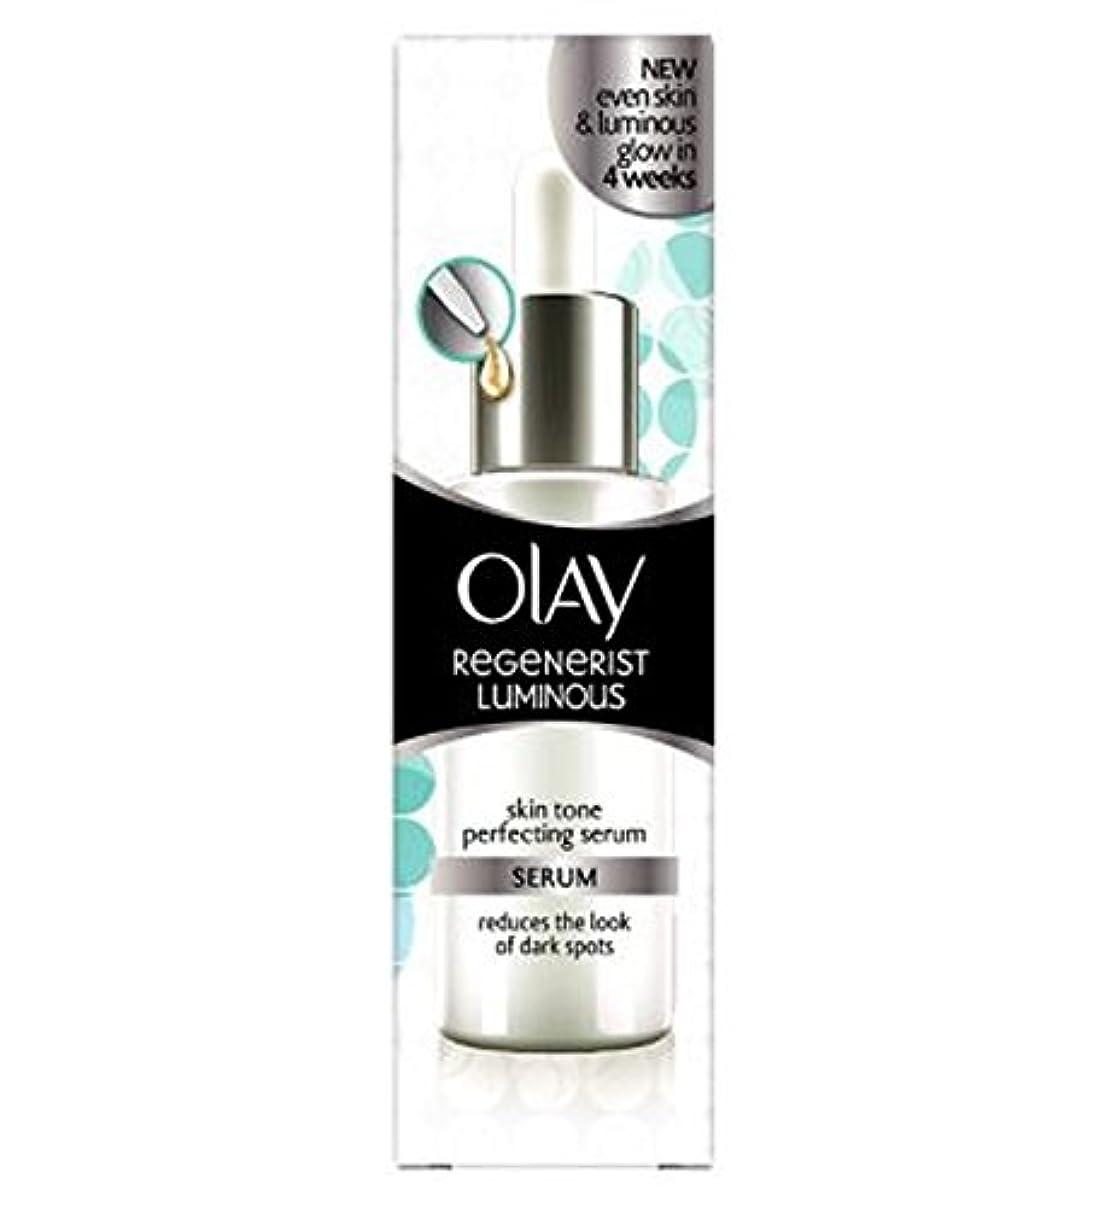 どこにもピンク篭血清40ミリリットルを完成オーレイリジェネ発光肌のトーン (Olay) (x2) - Olay Regenerist Luminous Skin Tone Perfecting Serum 40ml (Pack of 2) [並行輸入品]